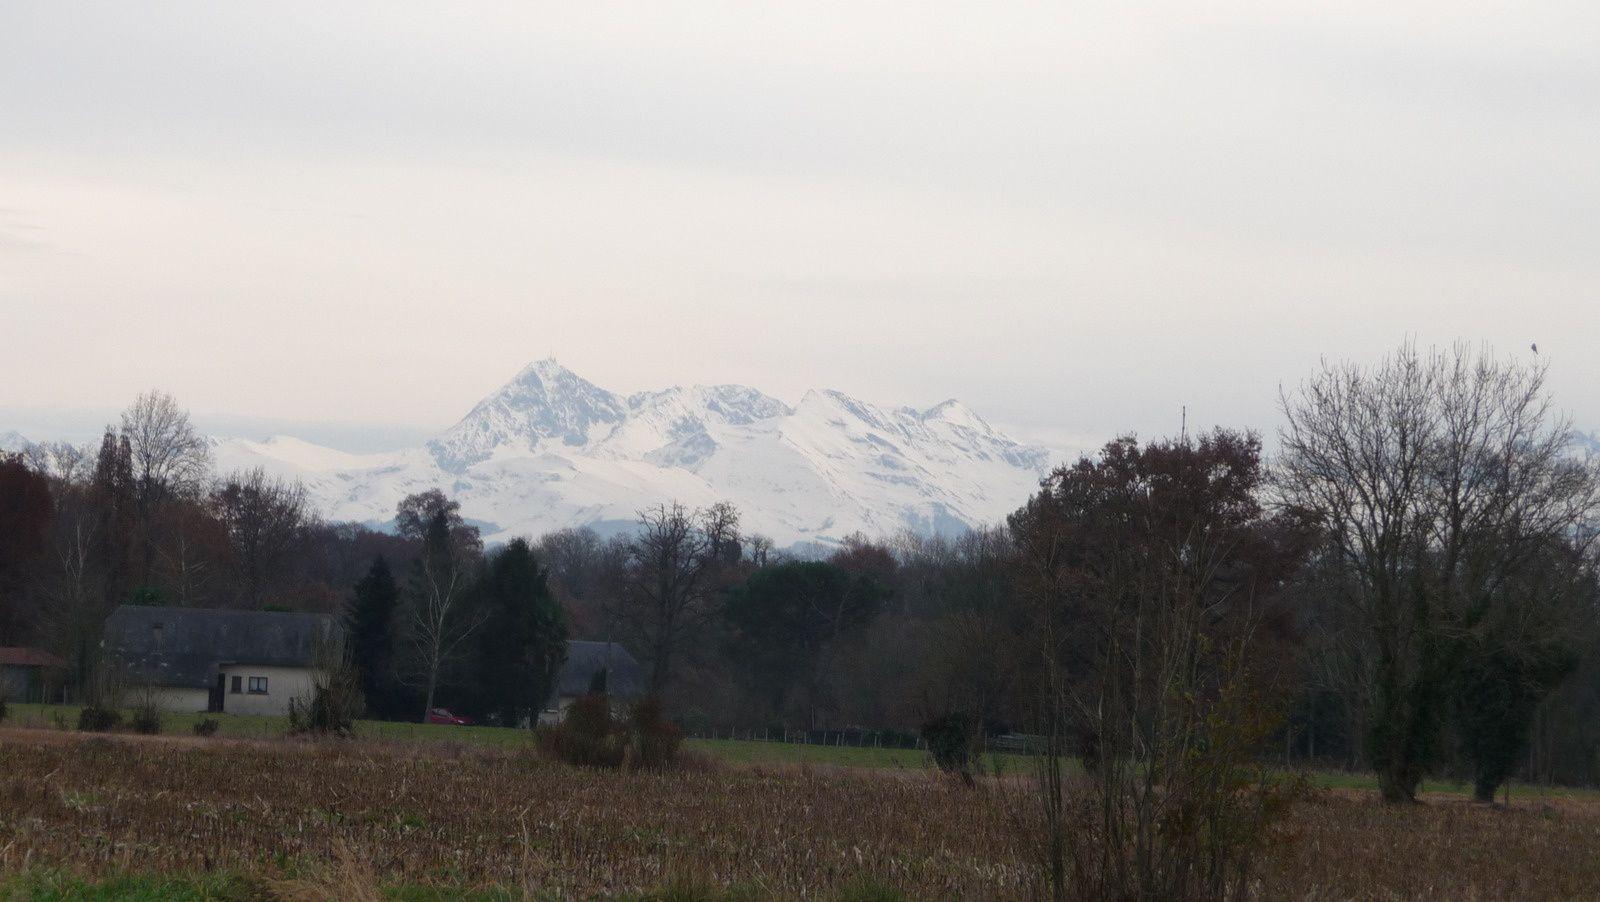 Coup du zoom sur le Pic du Midi de Bigorre.